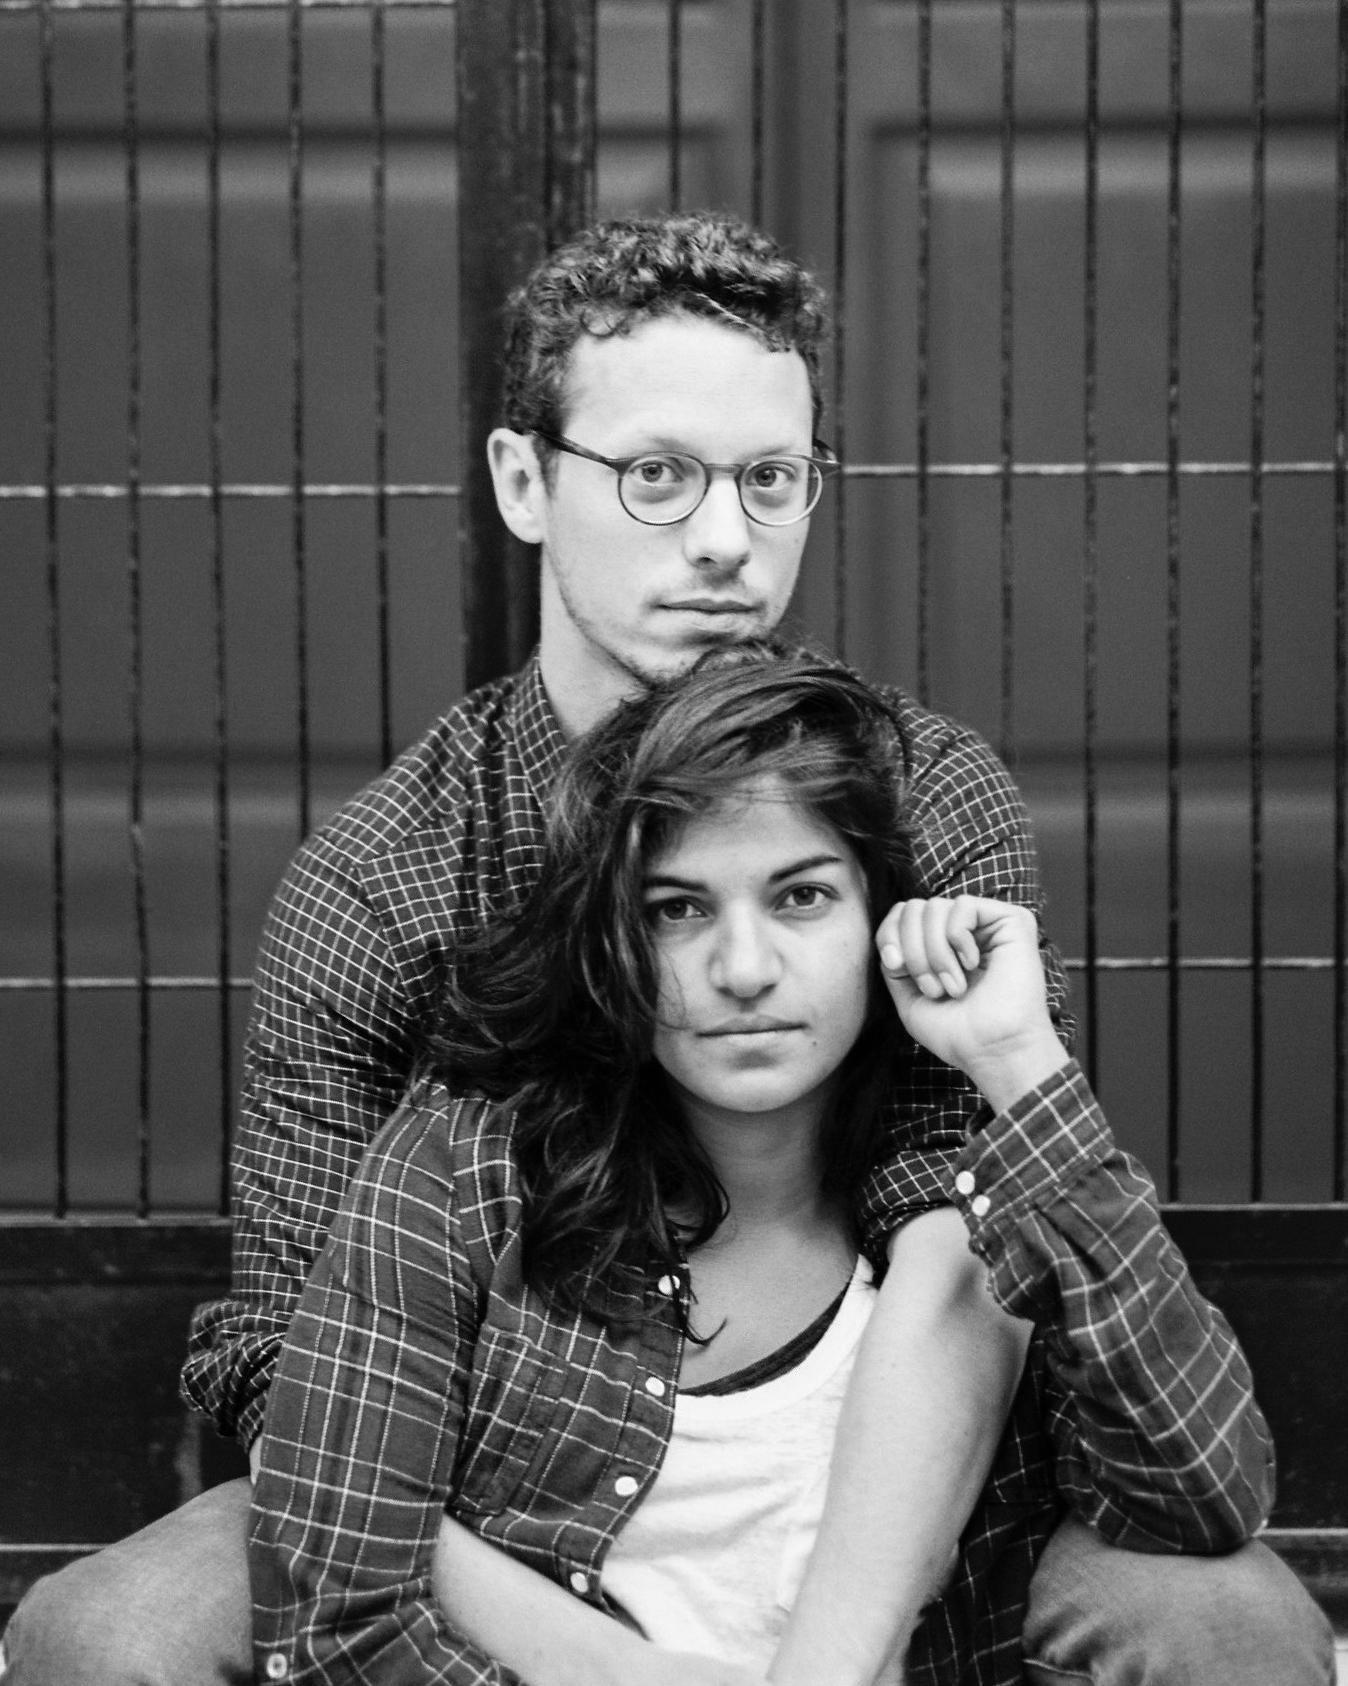 celinehamelin-photographe-couple-argentique-loversession-espagne-sudouest-filmphotography4.jpg